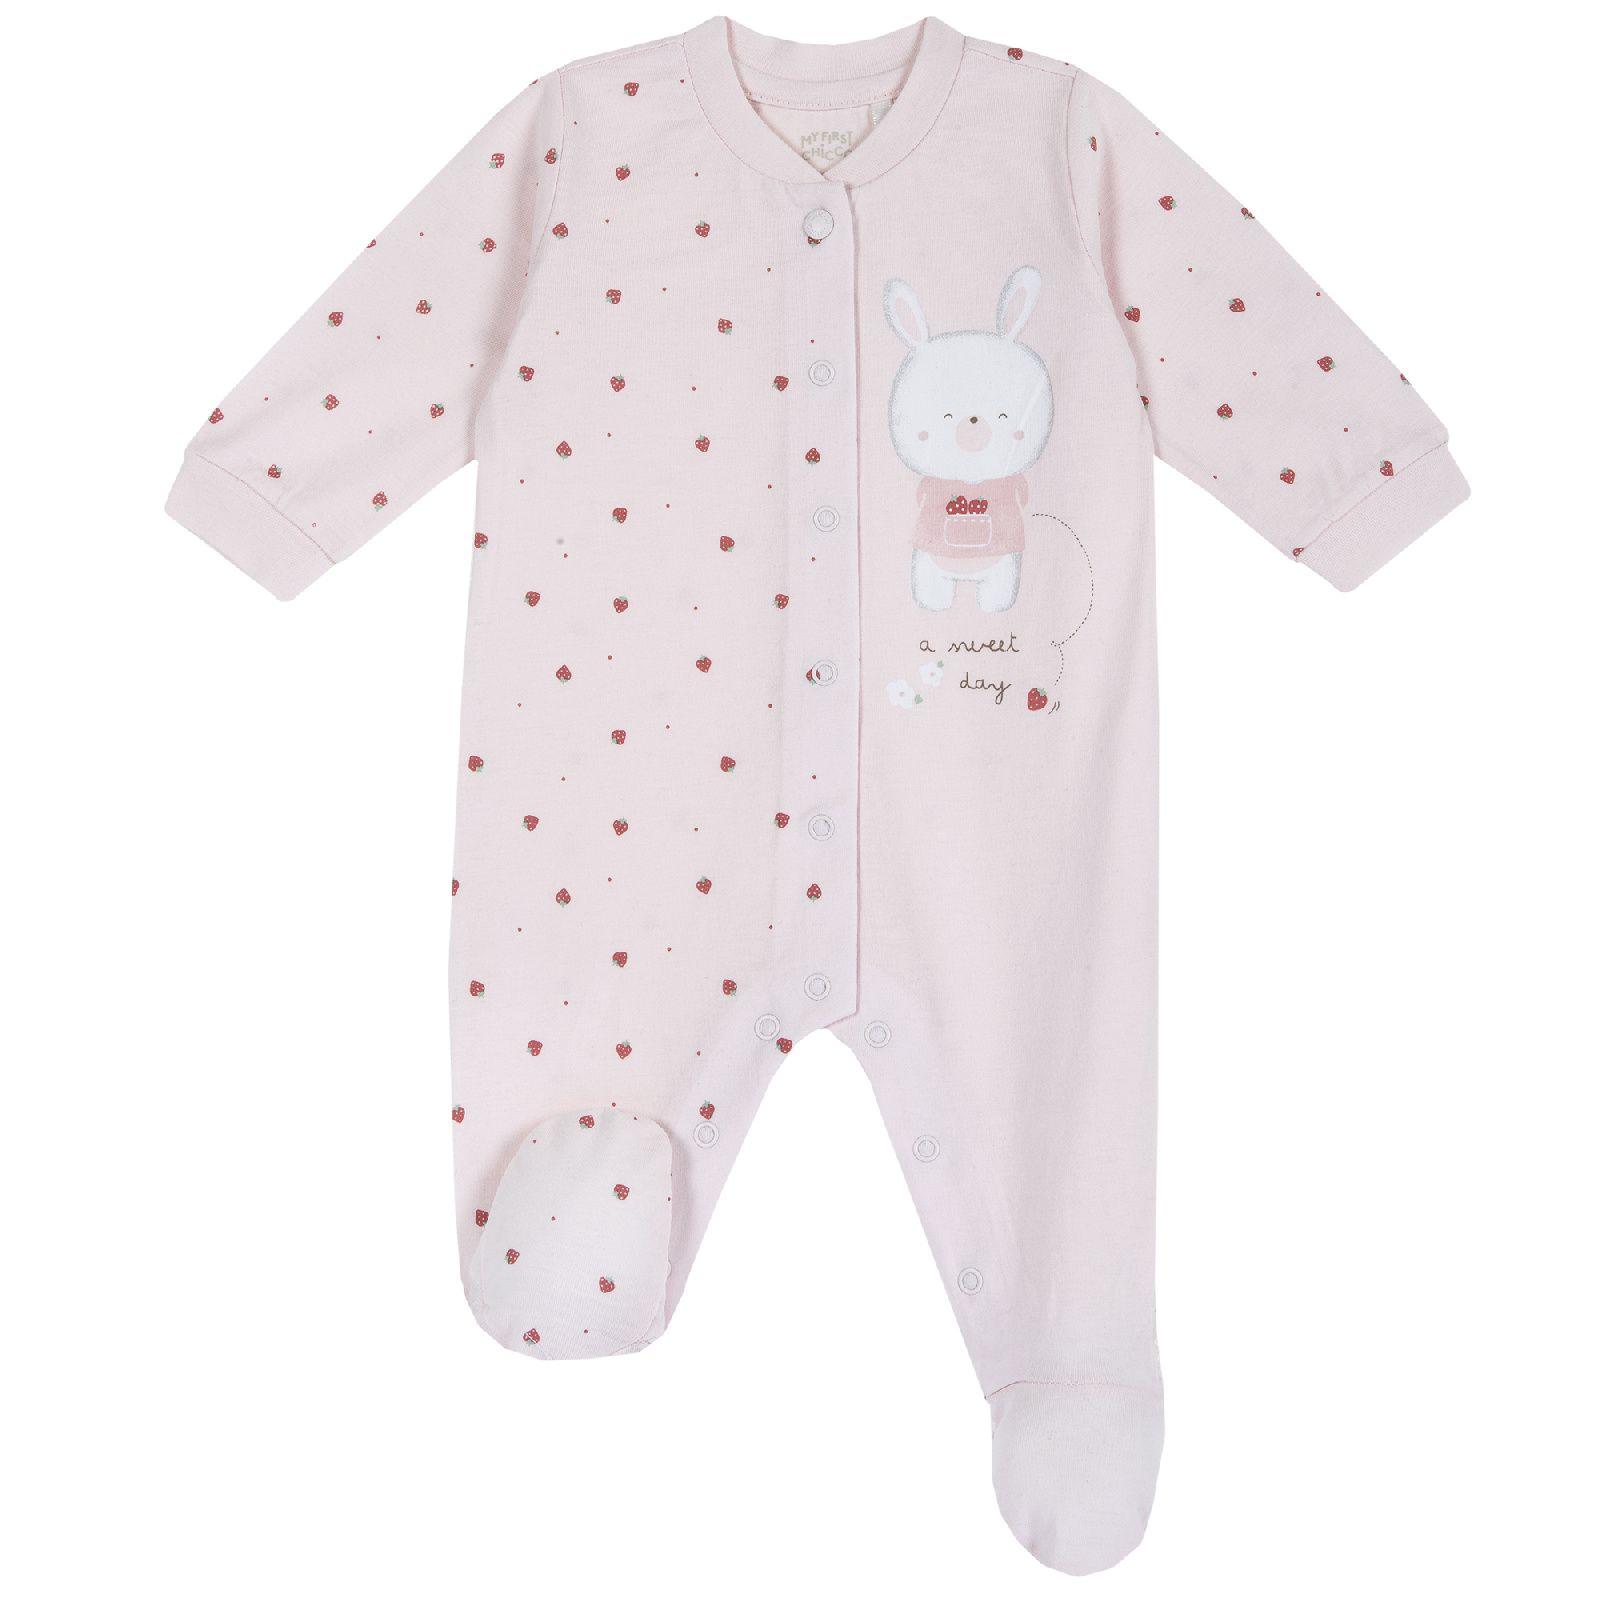 Комбинезон для девочек Chicco с клубничками, цвет розовый, размер 80